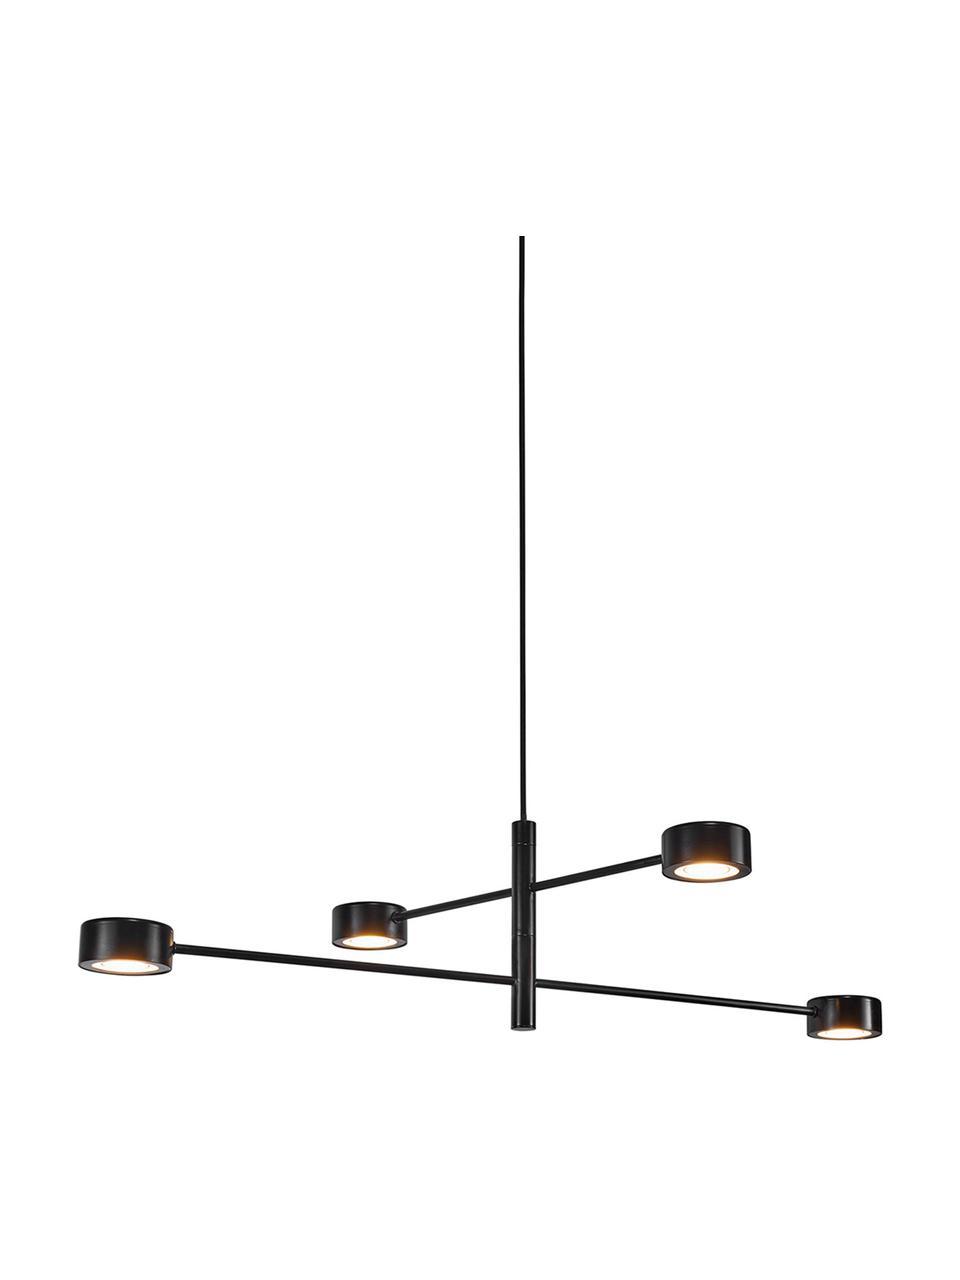 Große Dimmbare LED-Pendelleuchte Clyde, Lampenschirm: Metall, beschichtet, Baldachin: Metall, beschichtet, Schwarz, B 90 x H 22 cm